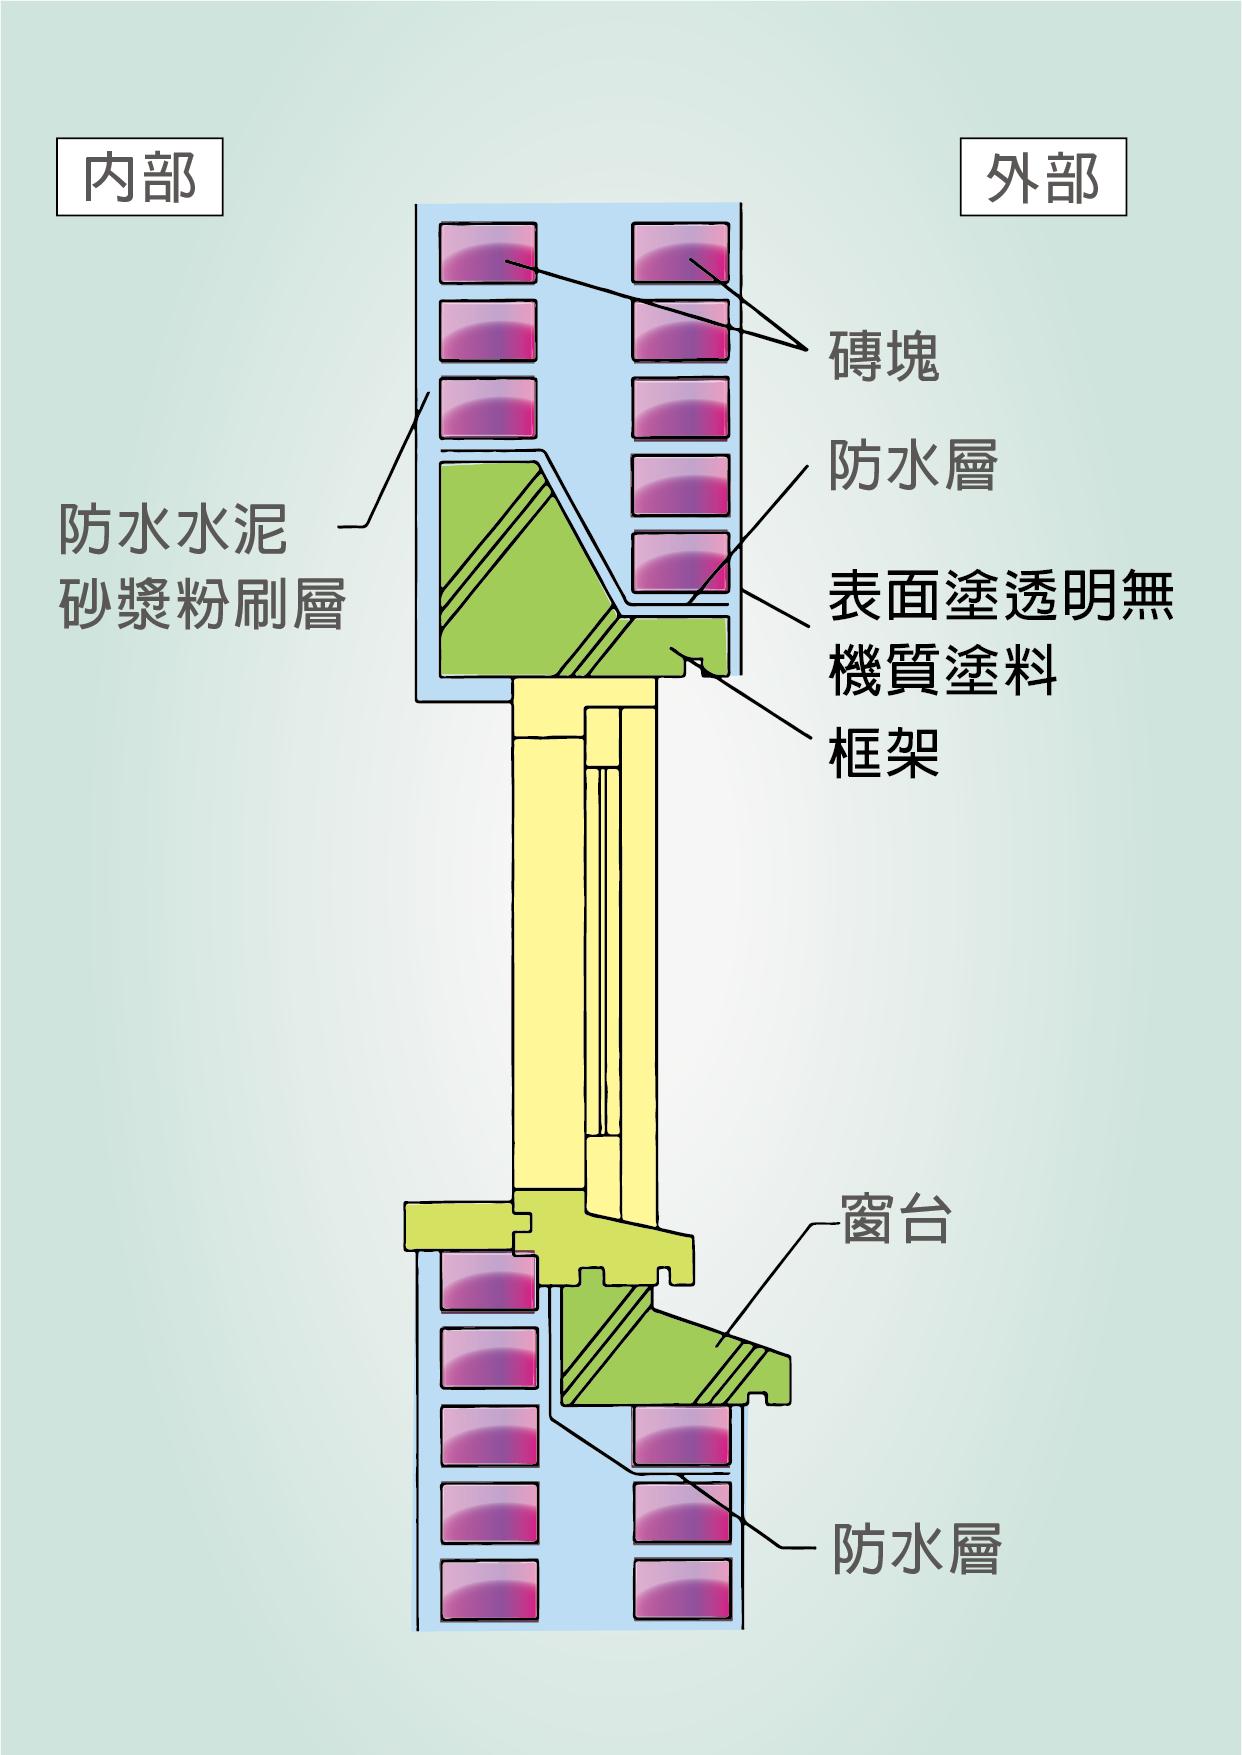 圖2-4-34.png